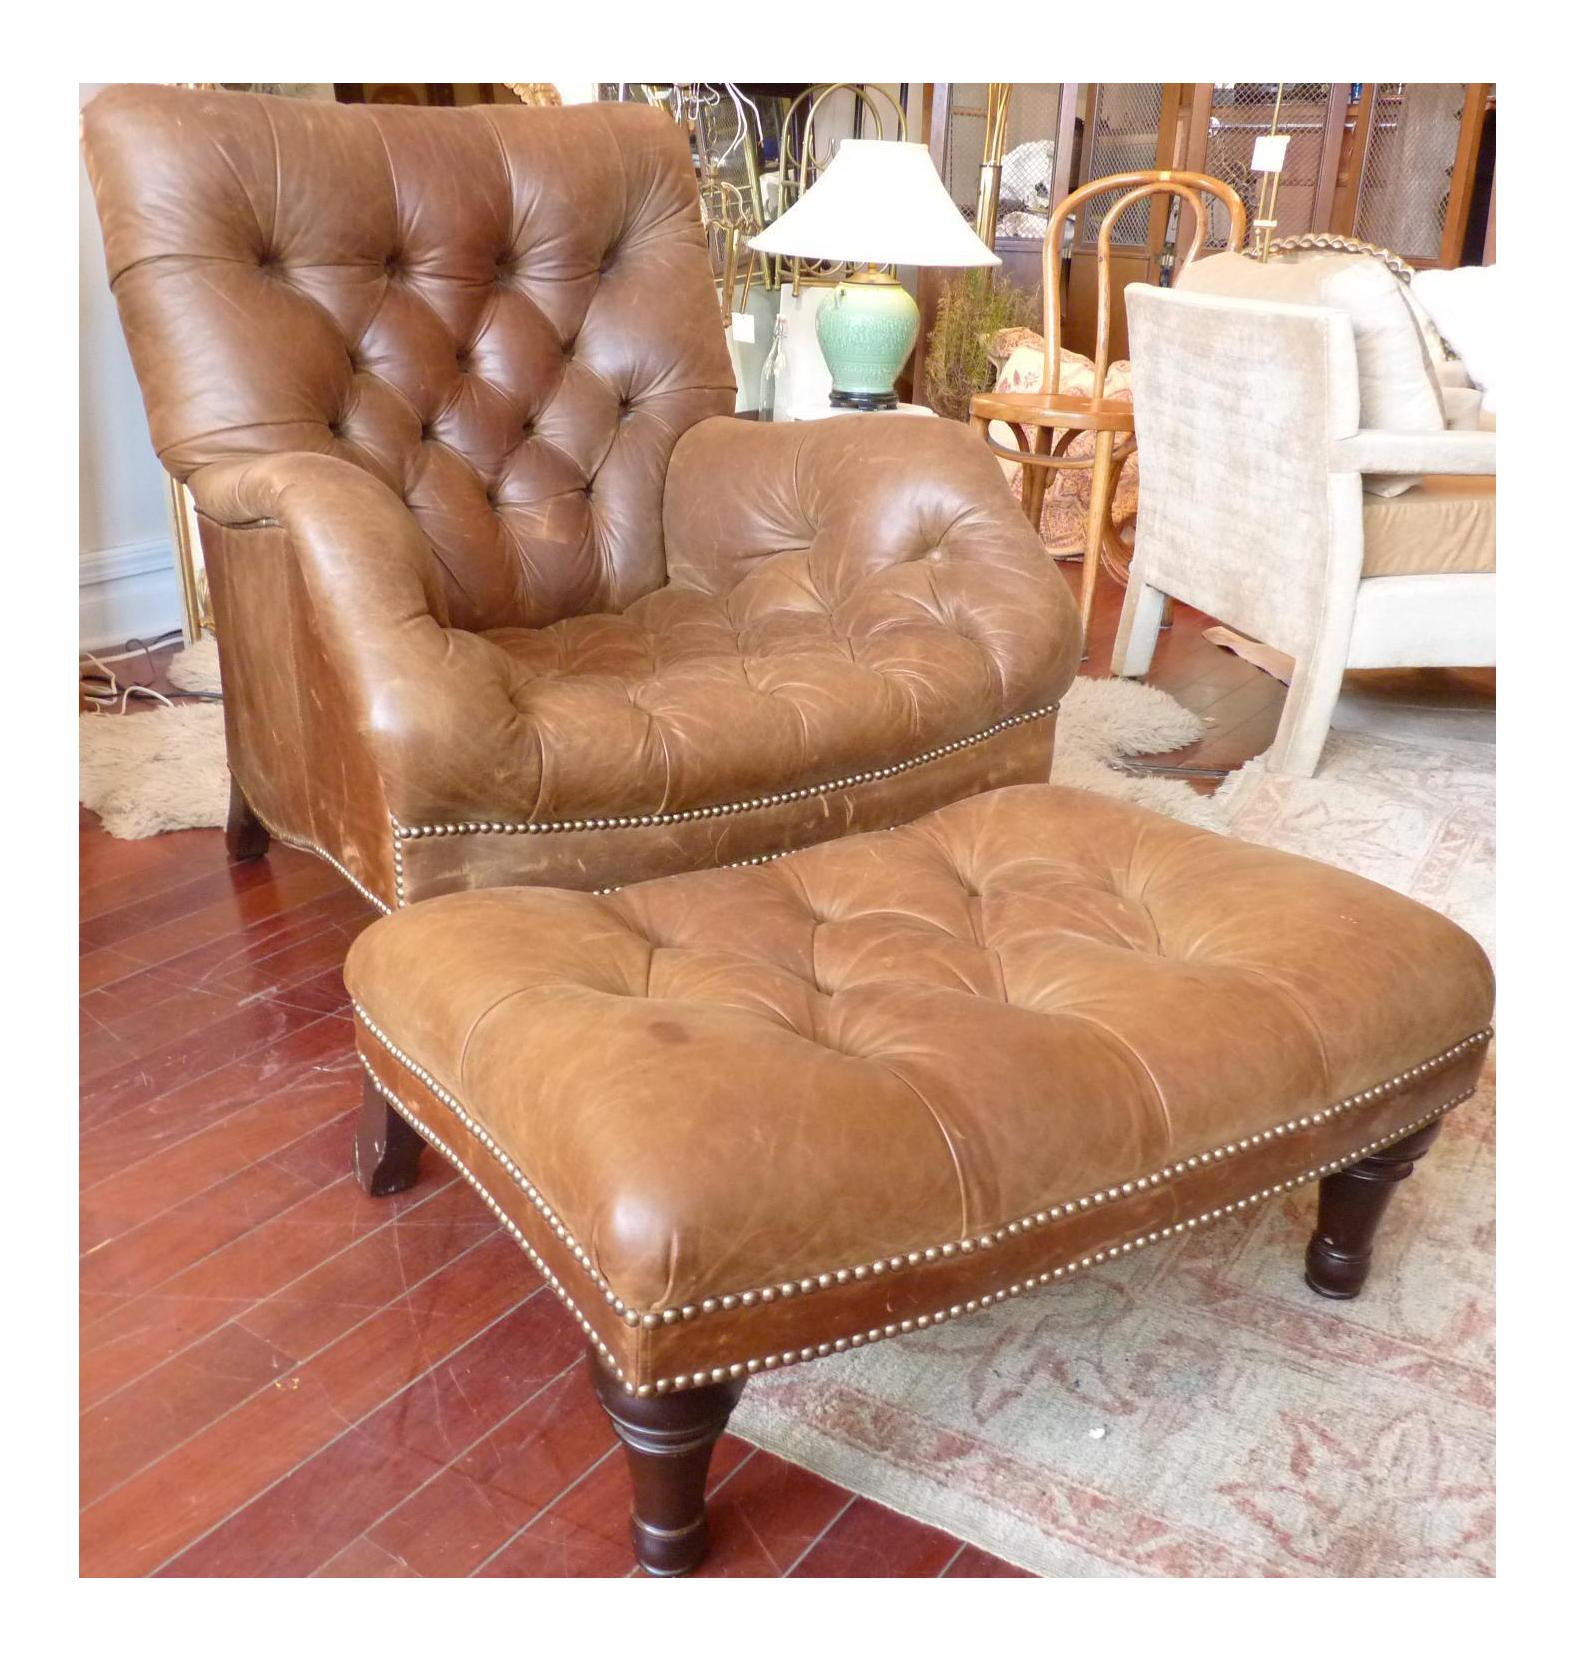 Sensational Cognac Leather Sleepy Hollow Chair And Ottoman Creativecarmelina Interior Chair Design Creativecarmelinacom